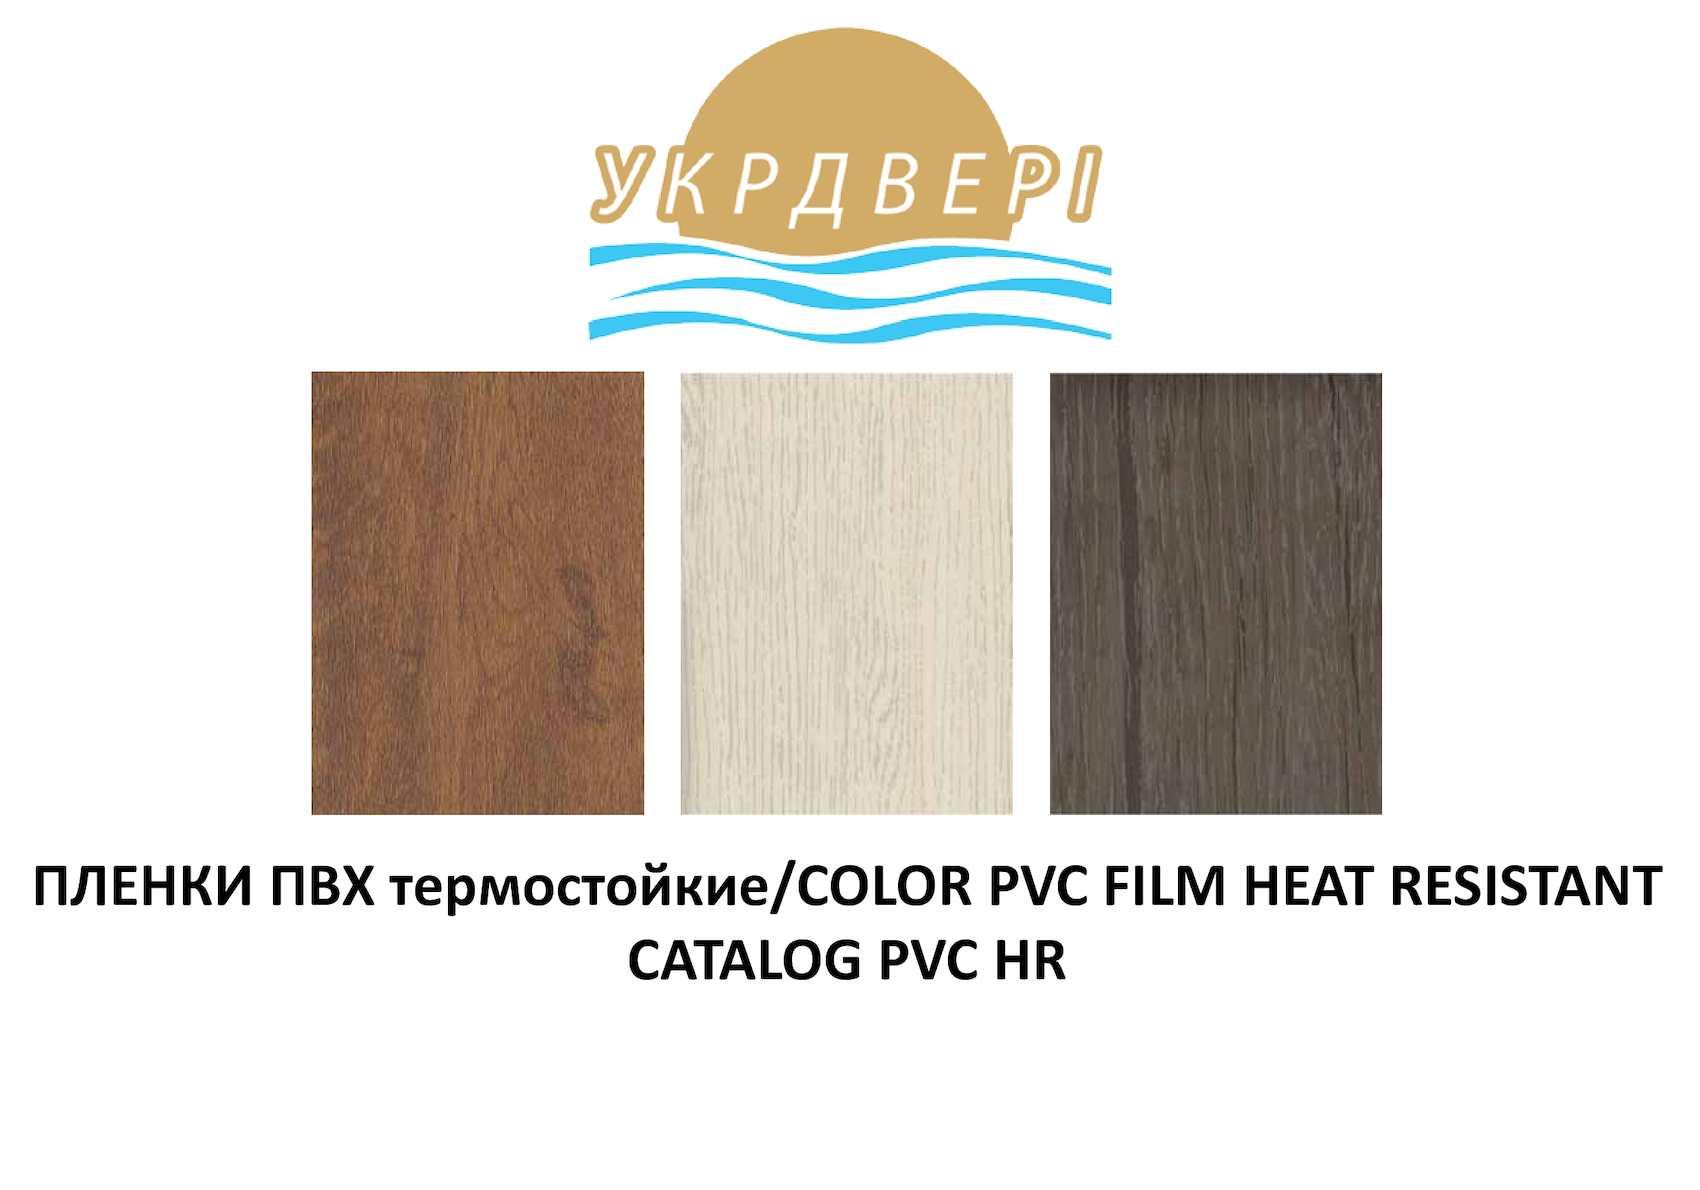 КАТАЛОГПЛЕНКИ ПВХ термостойкие / COLOR PVC FILM HEAT RESISTANT (PVC HR)